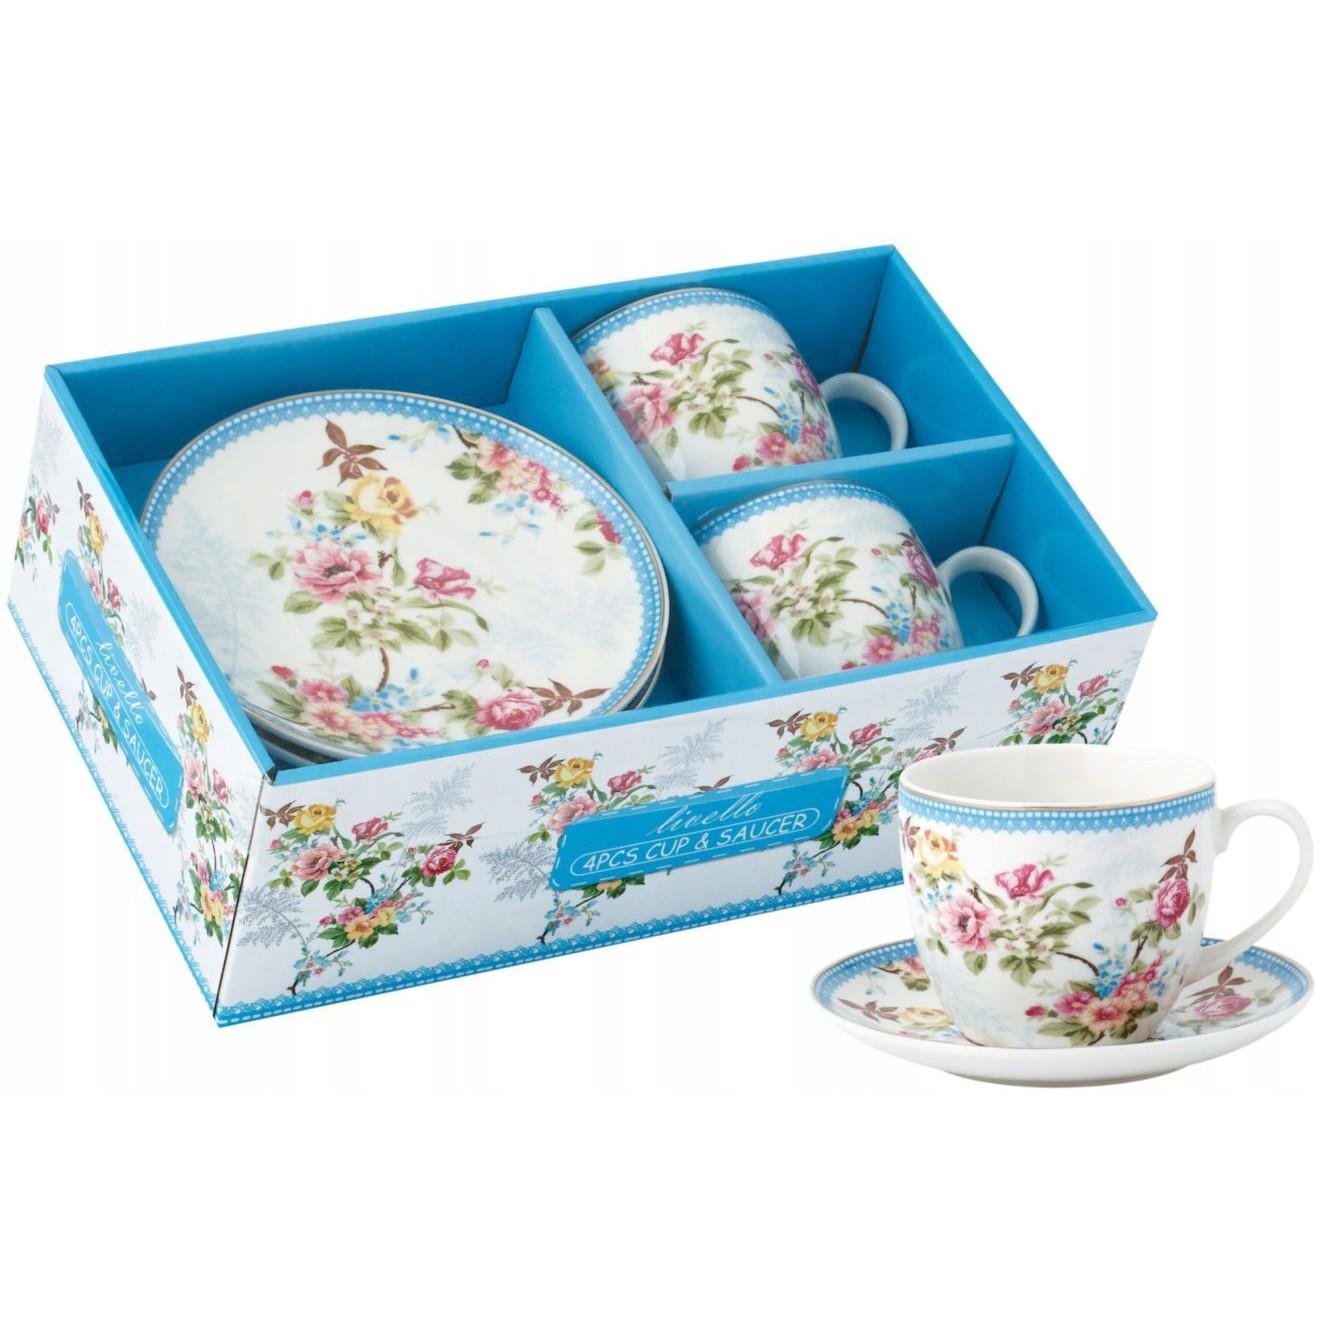 šálky na kávu čaj s tanierikmi 2ks 250ml kvety záhrada megamix.sk